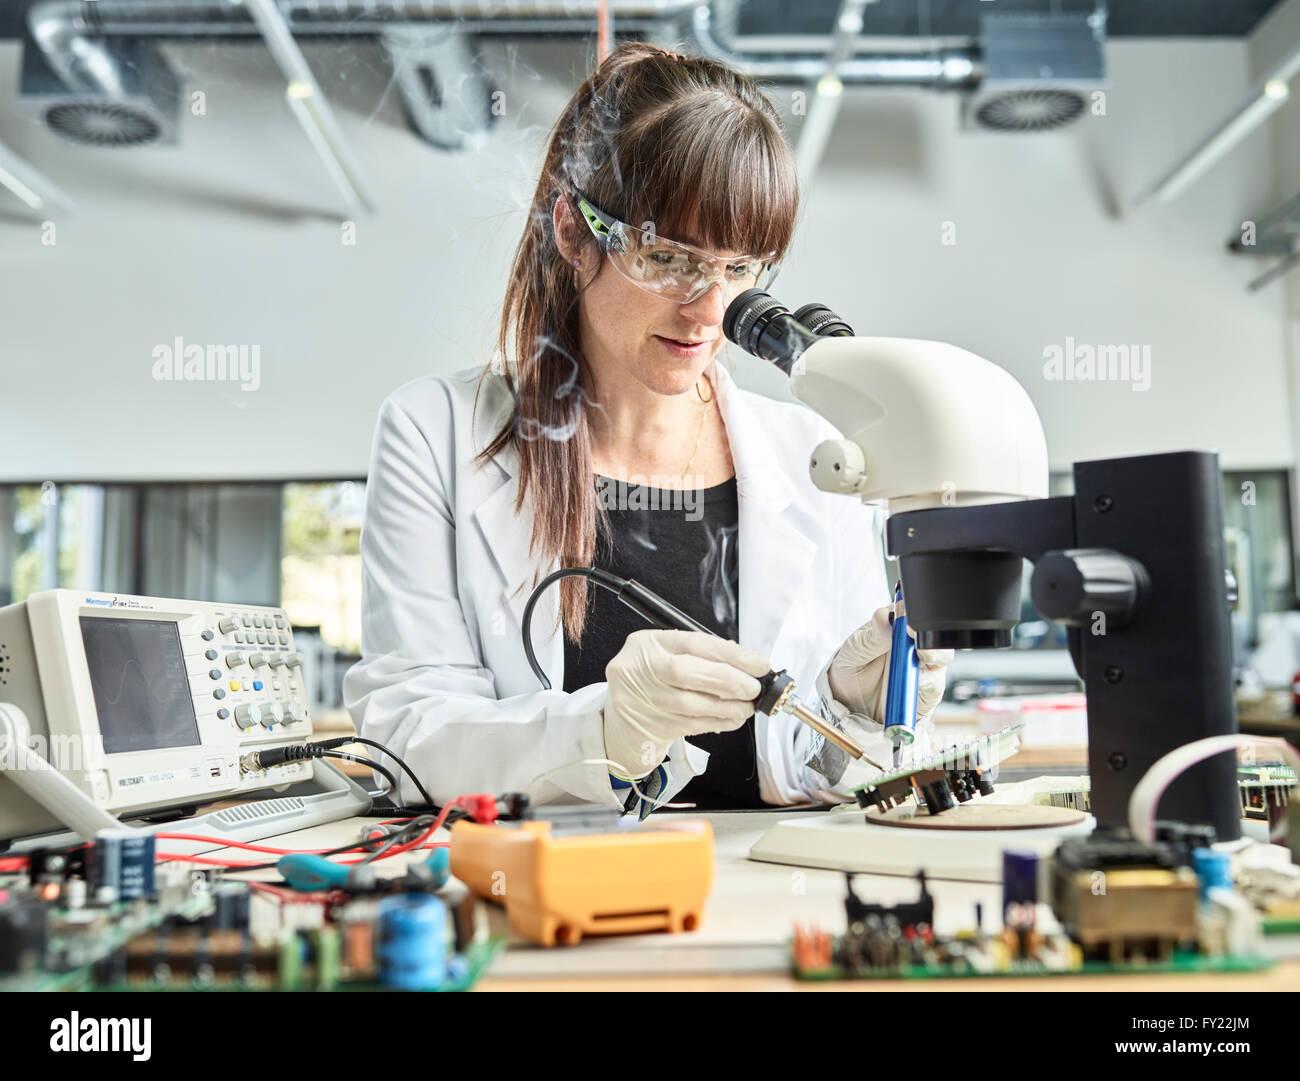 Tecnico femmina, 20-25 anni, con un bianco camice, la saldatura di una scheda di circuito in un laboratorio di elettronica, Immagini Stock